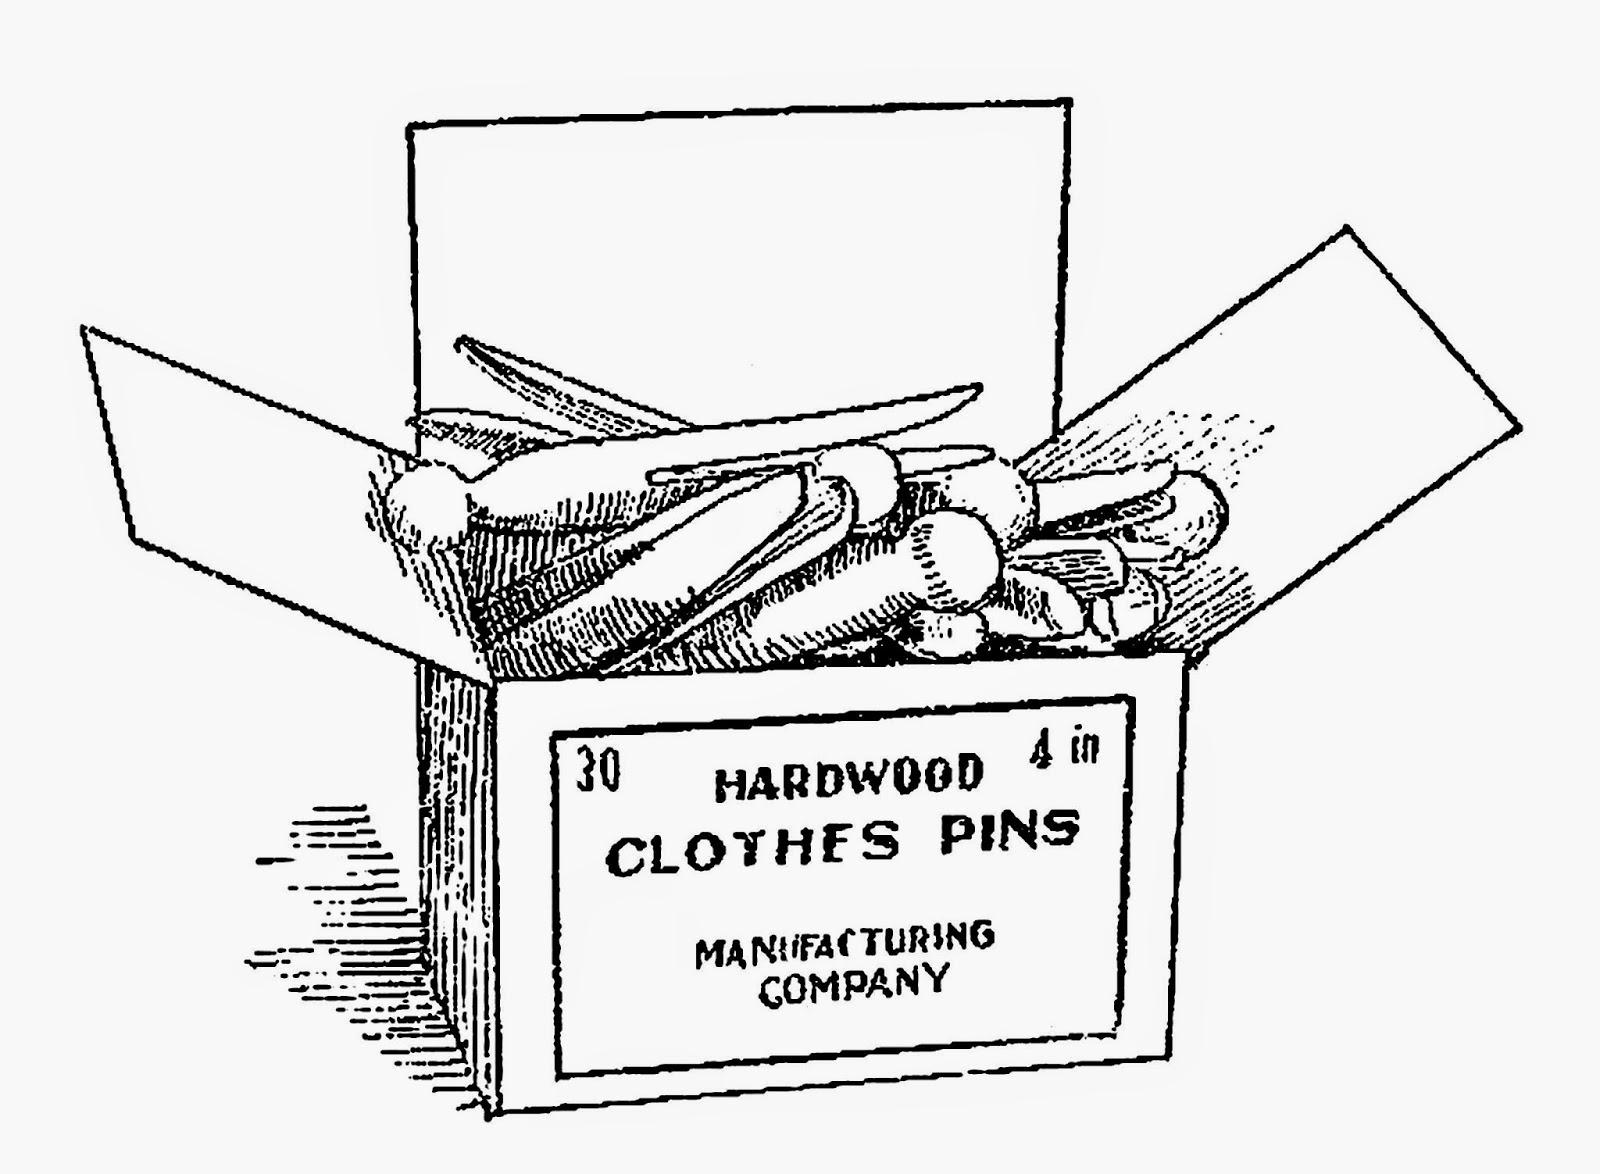 http://2.bp.blogspot.com/-8bLSXbzR7E0/VKXJJXAFhGI/AAAAAAAAUqo/MZMrMkvJY1g/s1600/box_clothes_pin_wooden.jpg